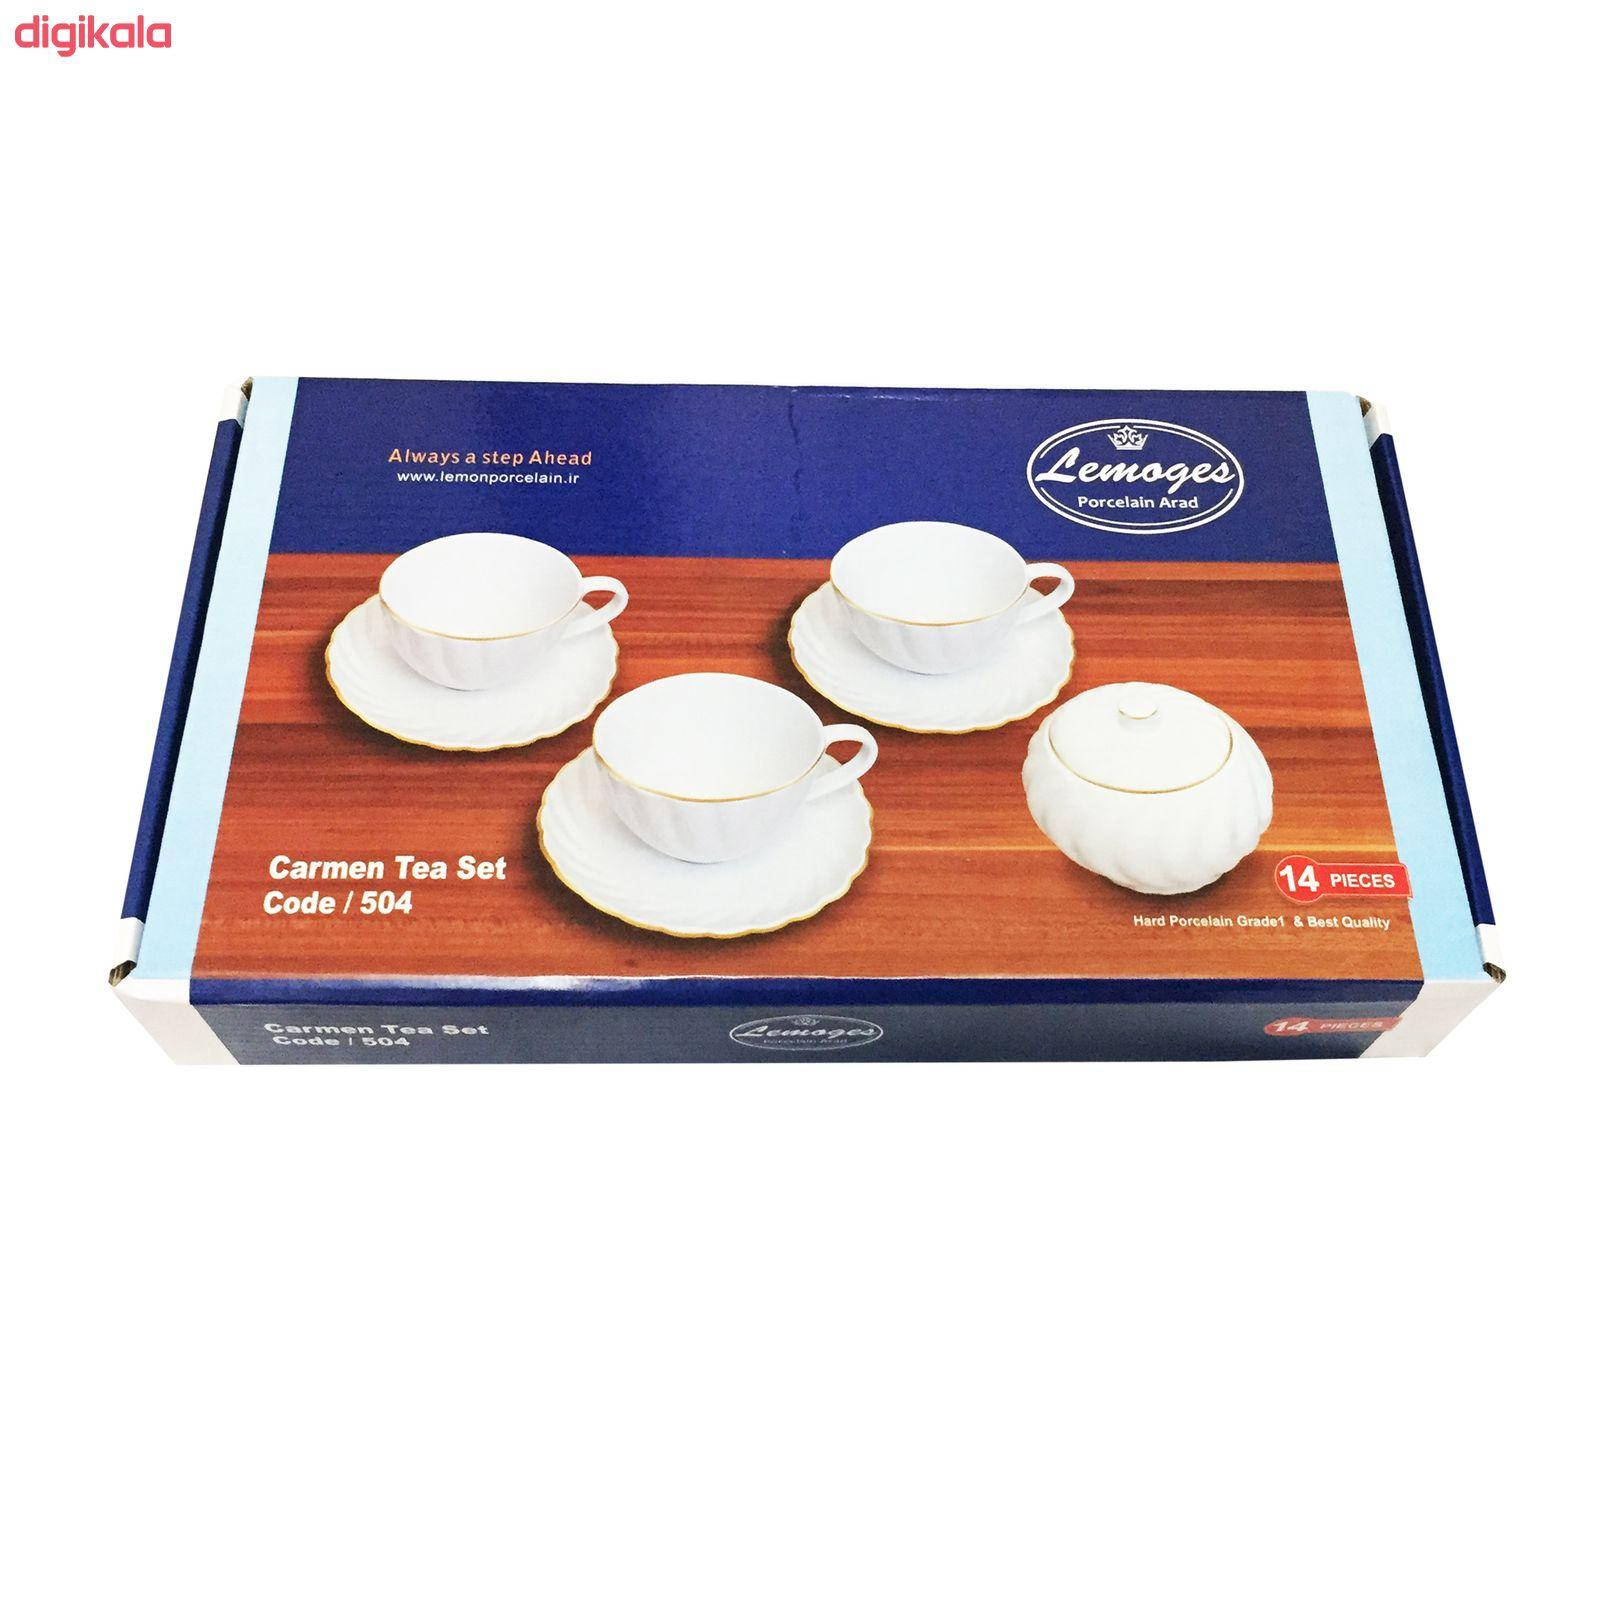 سرویس چای خوری 14 پارچه لمونژ مدل کارمن کد 504 main 1 5